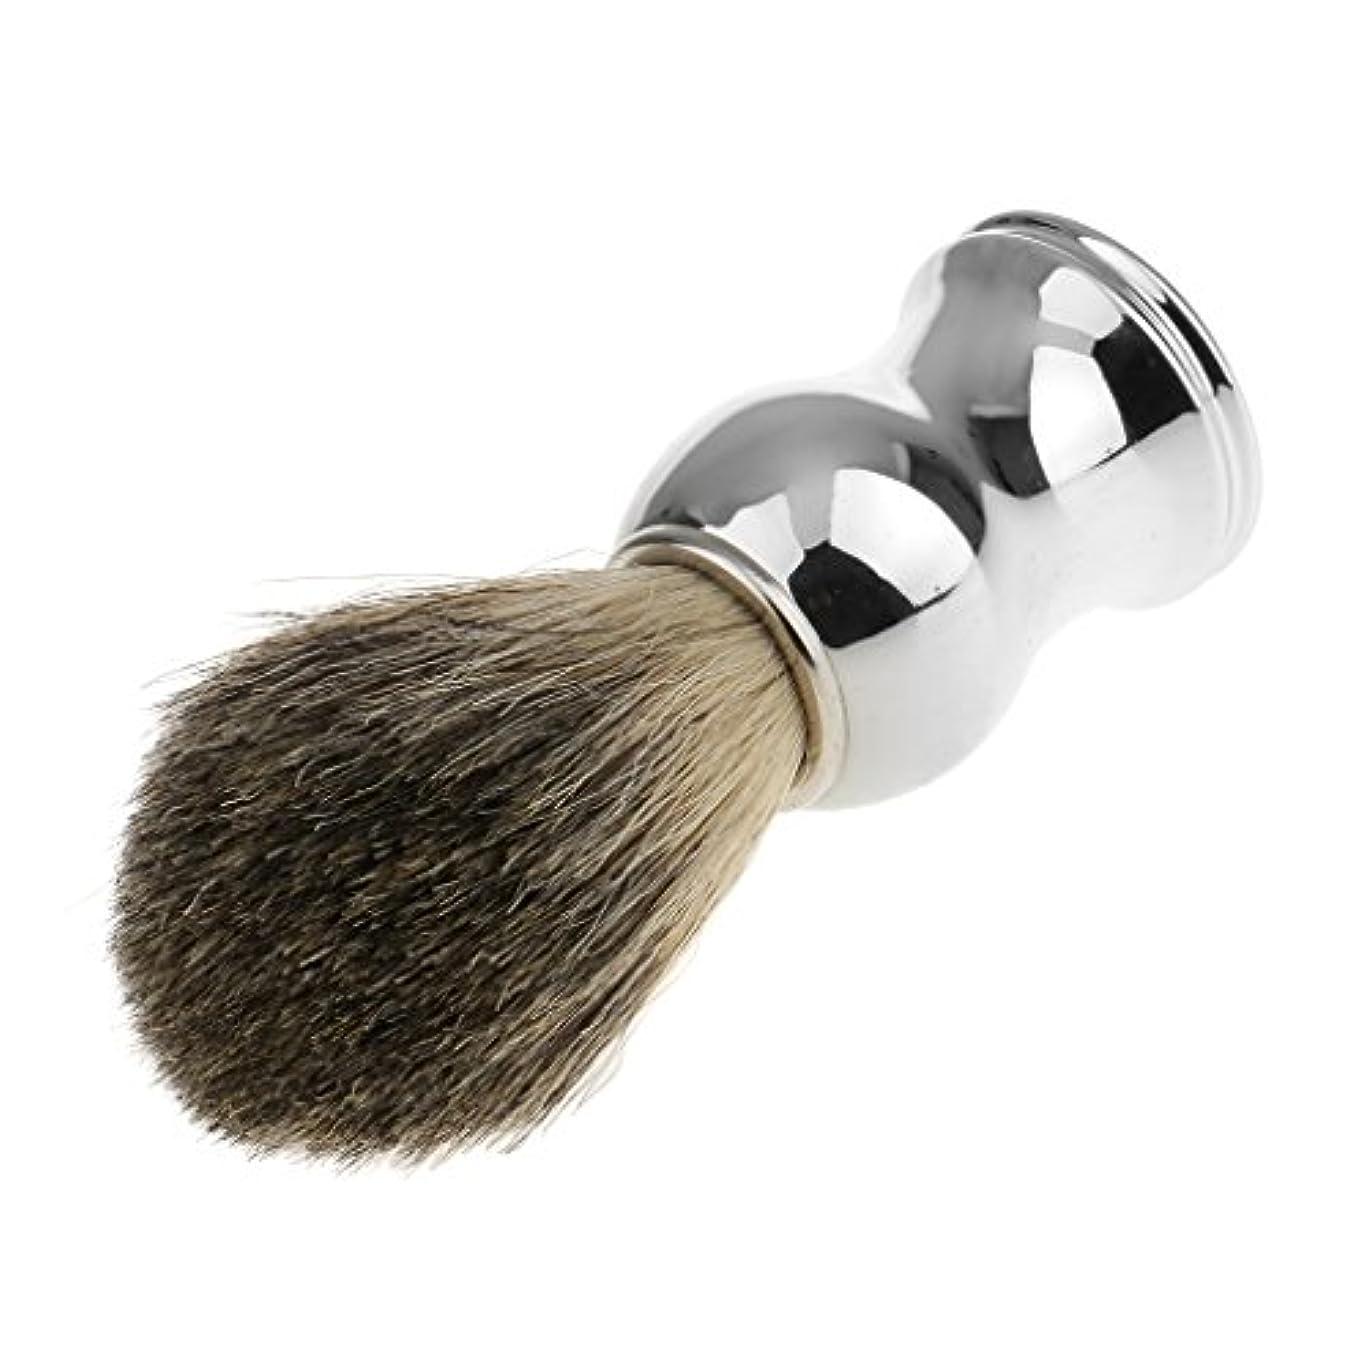 ウガンダ説明オーバードロー人工毛 シェービングブラシ 柔らかい 理容 洗顔 髭剃り 乾くやすい 11.2cm シルバーハンドル